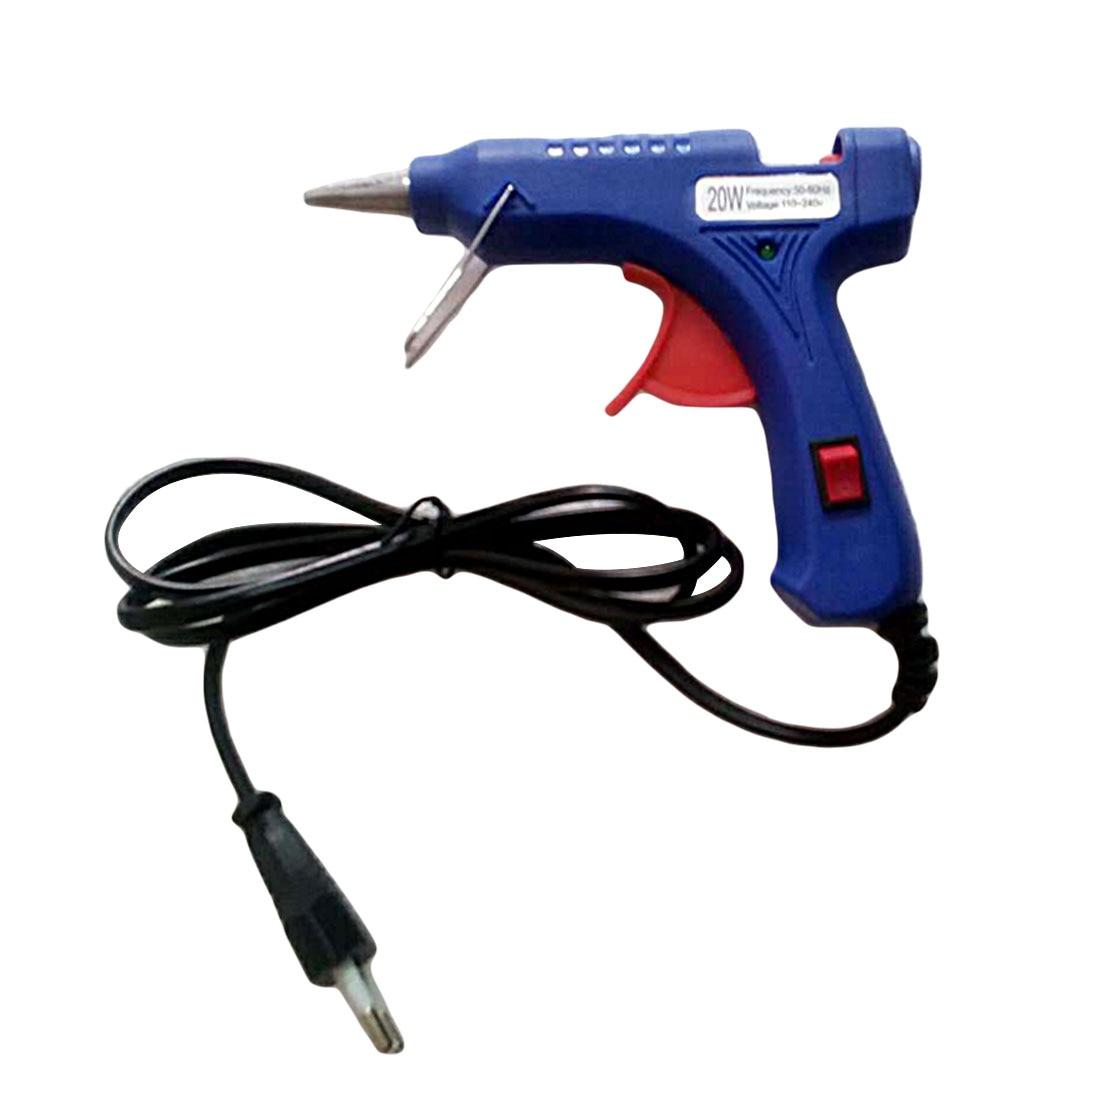 20 Вт ЕС Plug горячего расплава клеевой пистолет Электрический клей силиконовые пистолеты термо Gluegun ремонт тепла температура инструменты